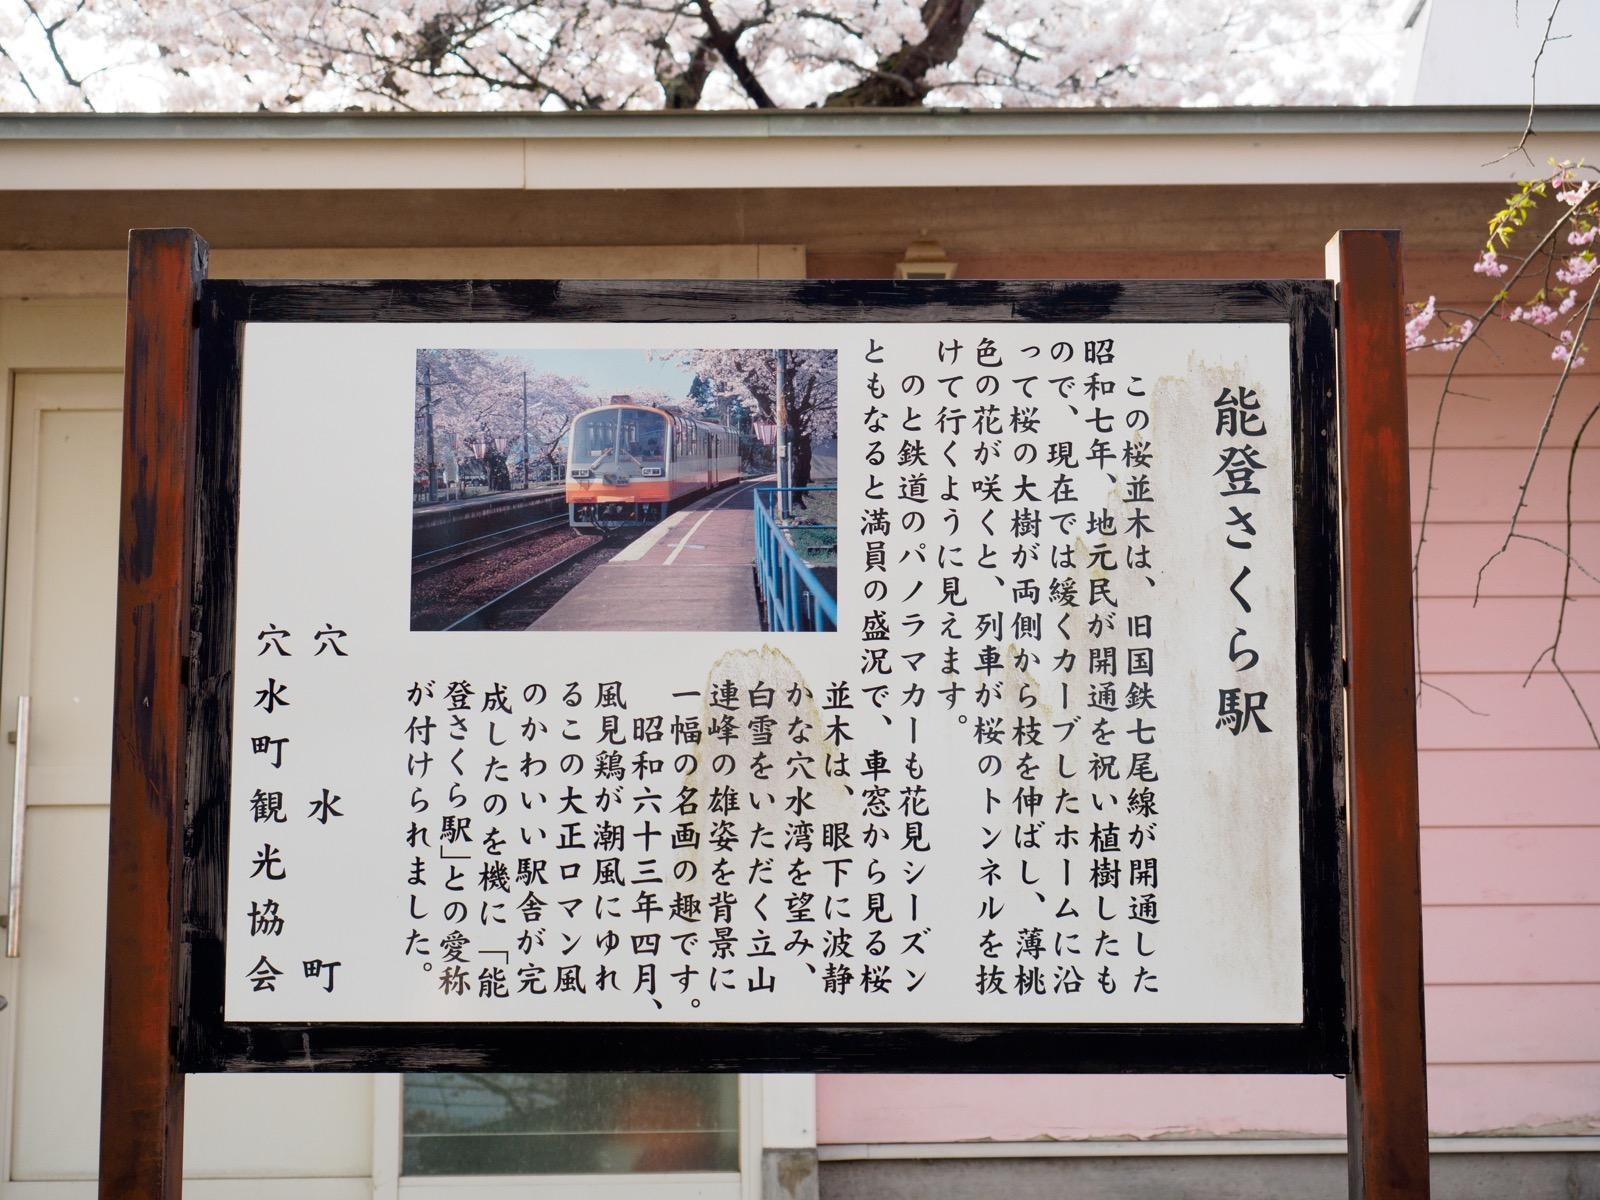 能登鹿島駅(能登さくら駅)前のパネル